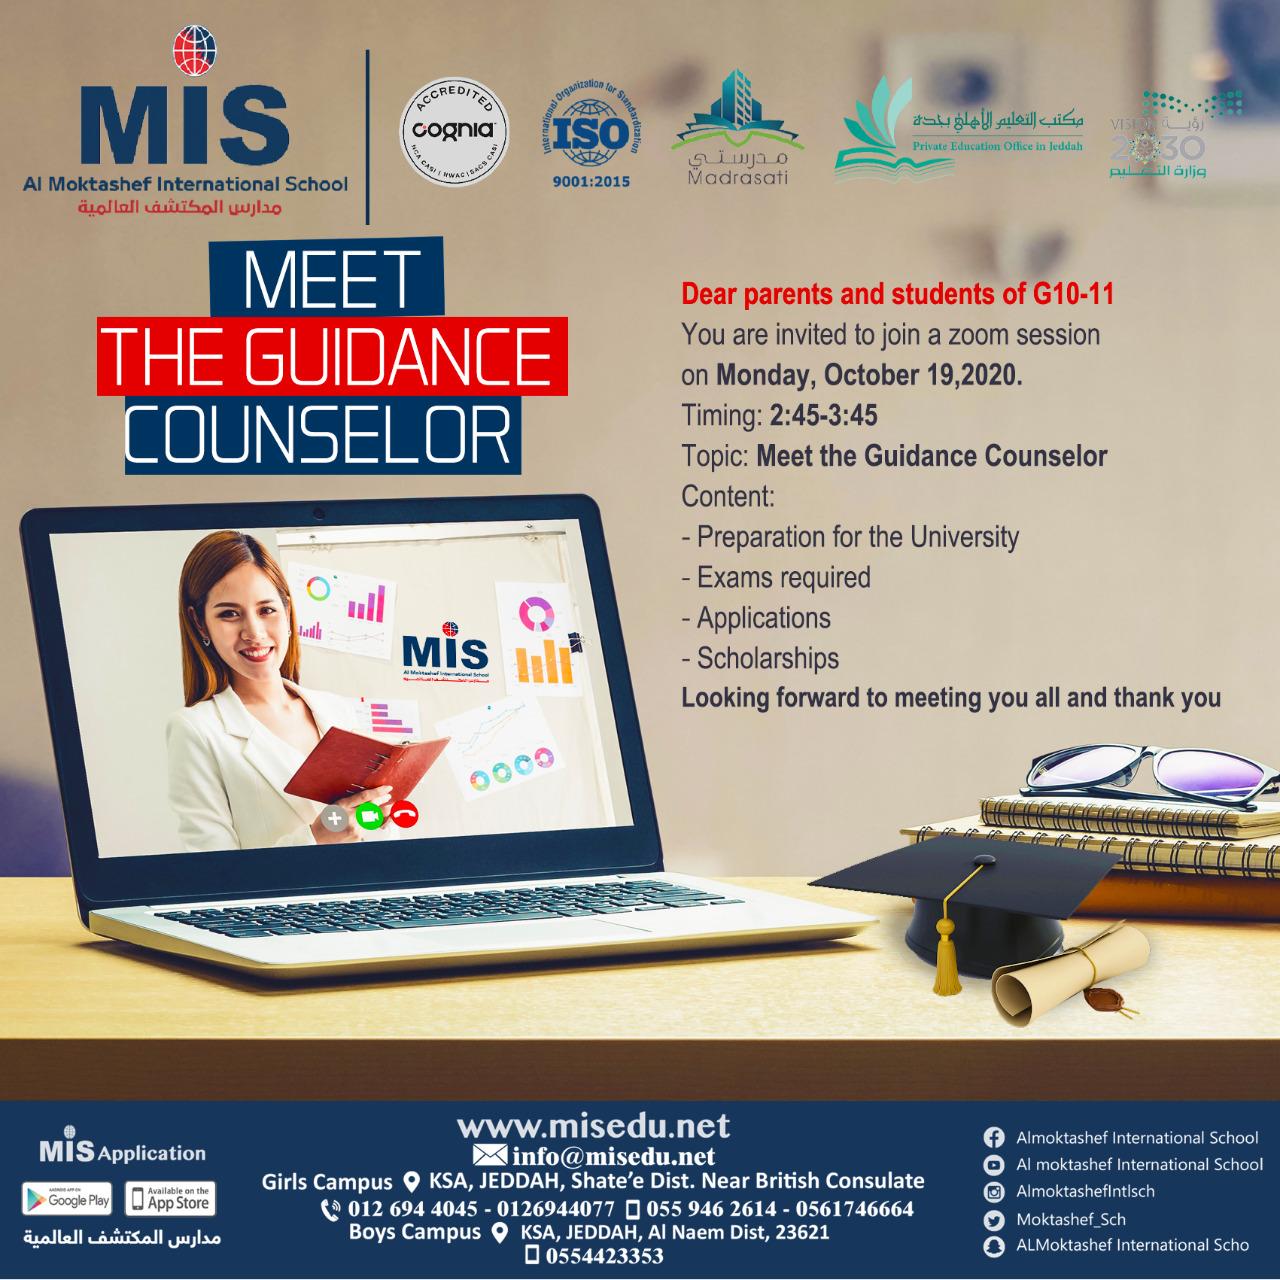 Meet the Guidance Counselor